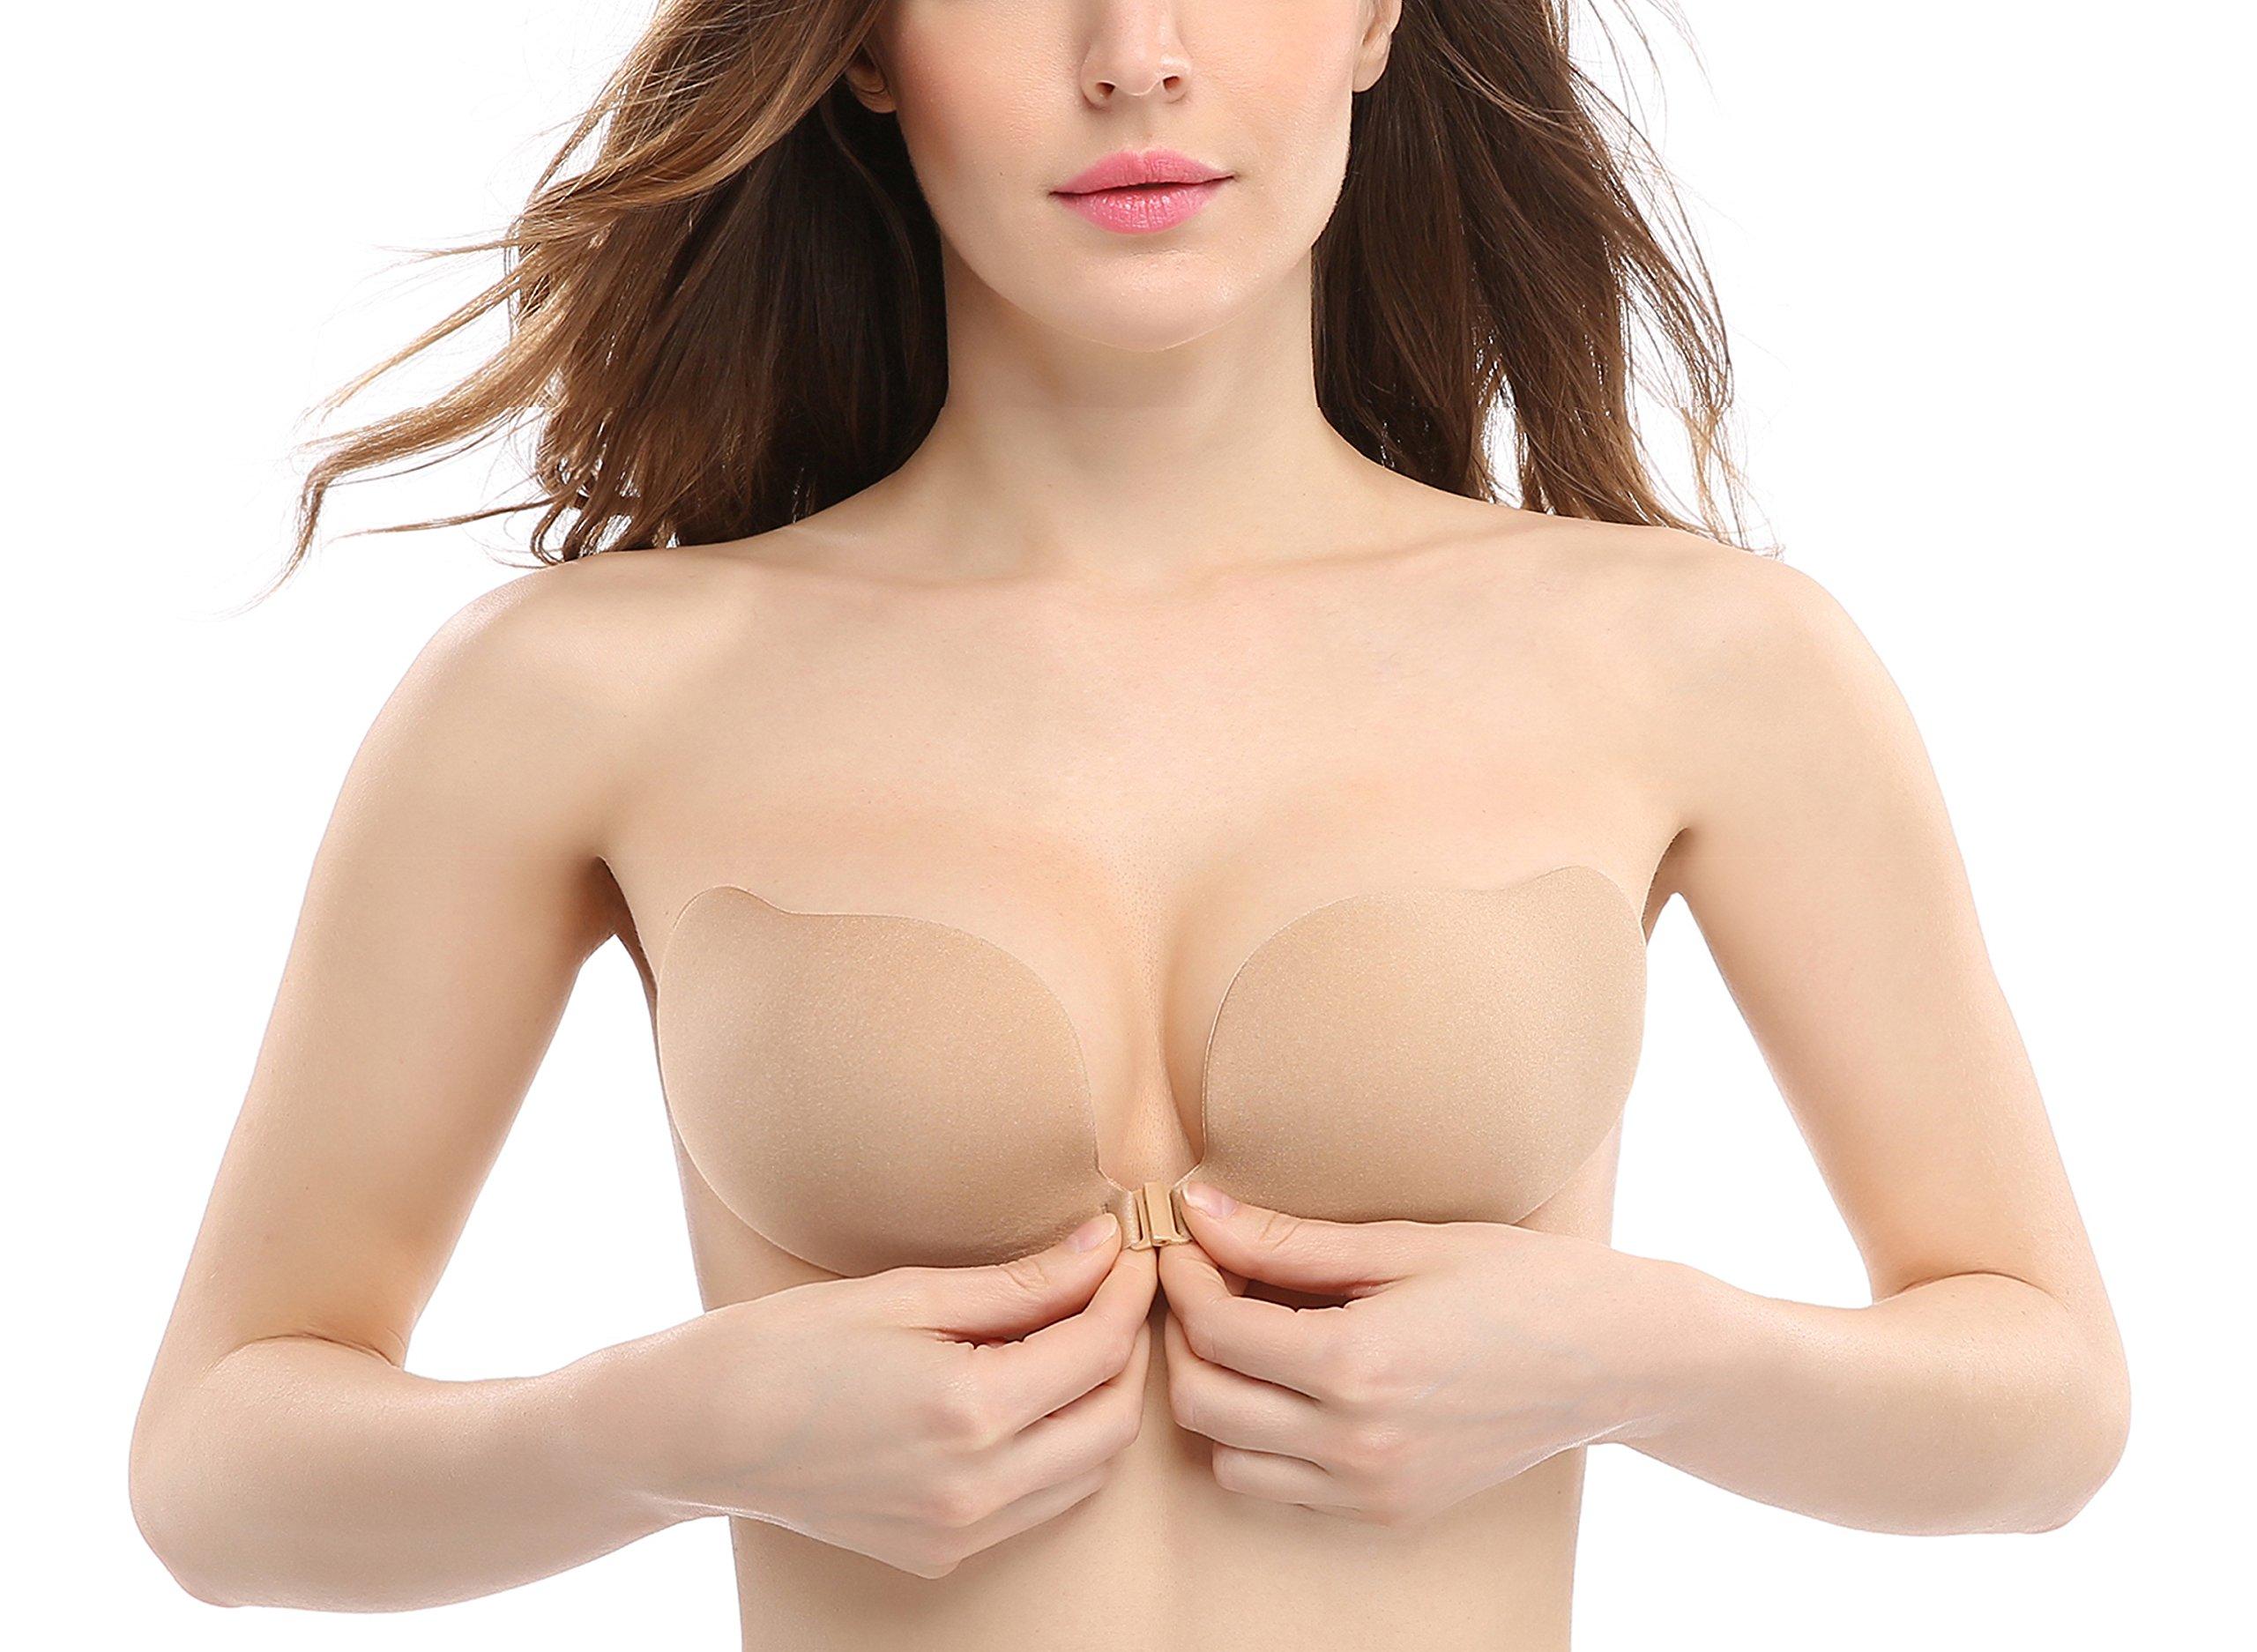 090a8d68e8 Deceny CB Invisible Bras Self Adhesive Bra Silicone Bra Push up Strapless  Bra (A